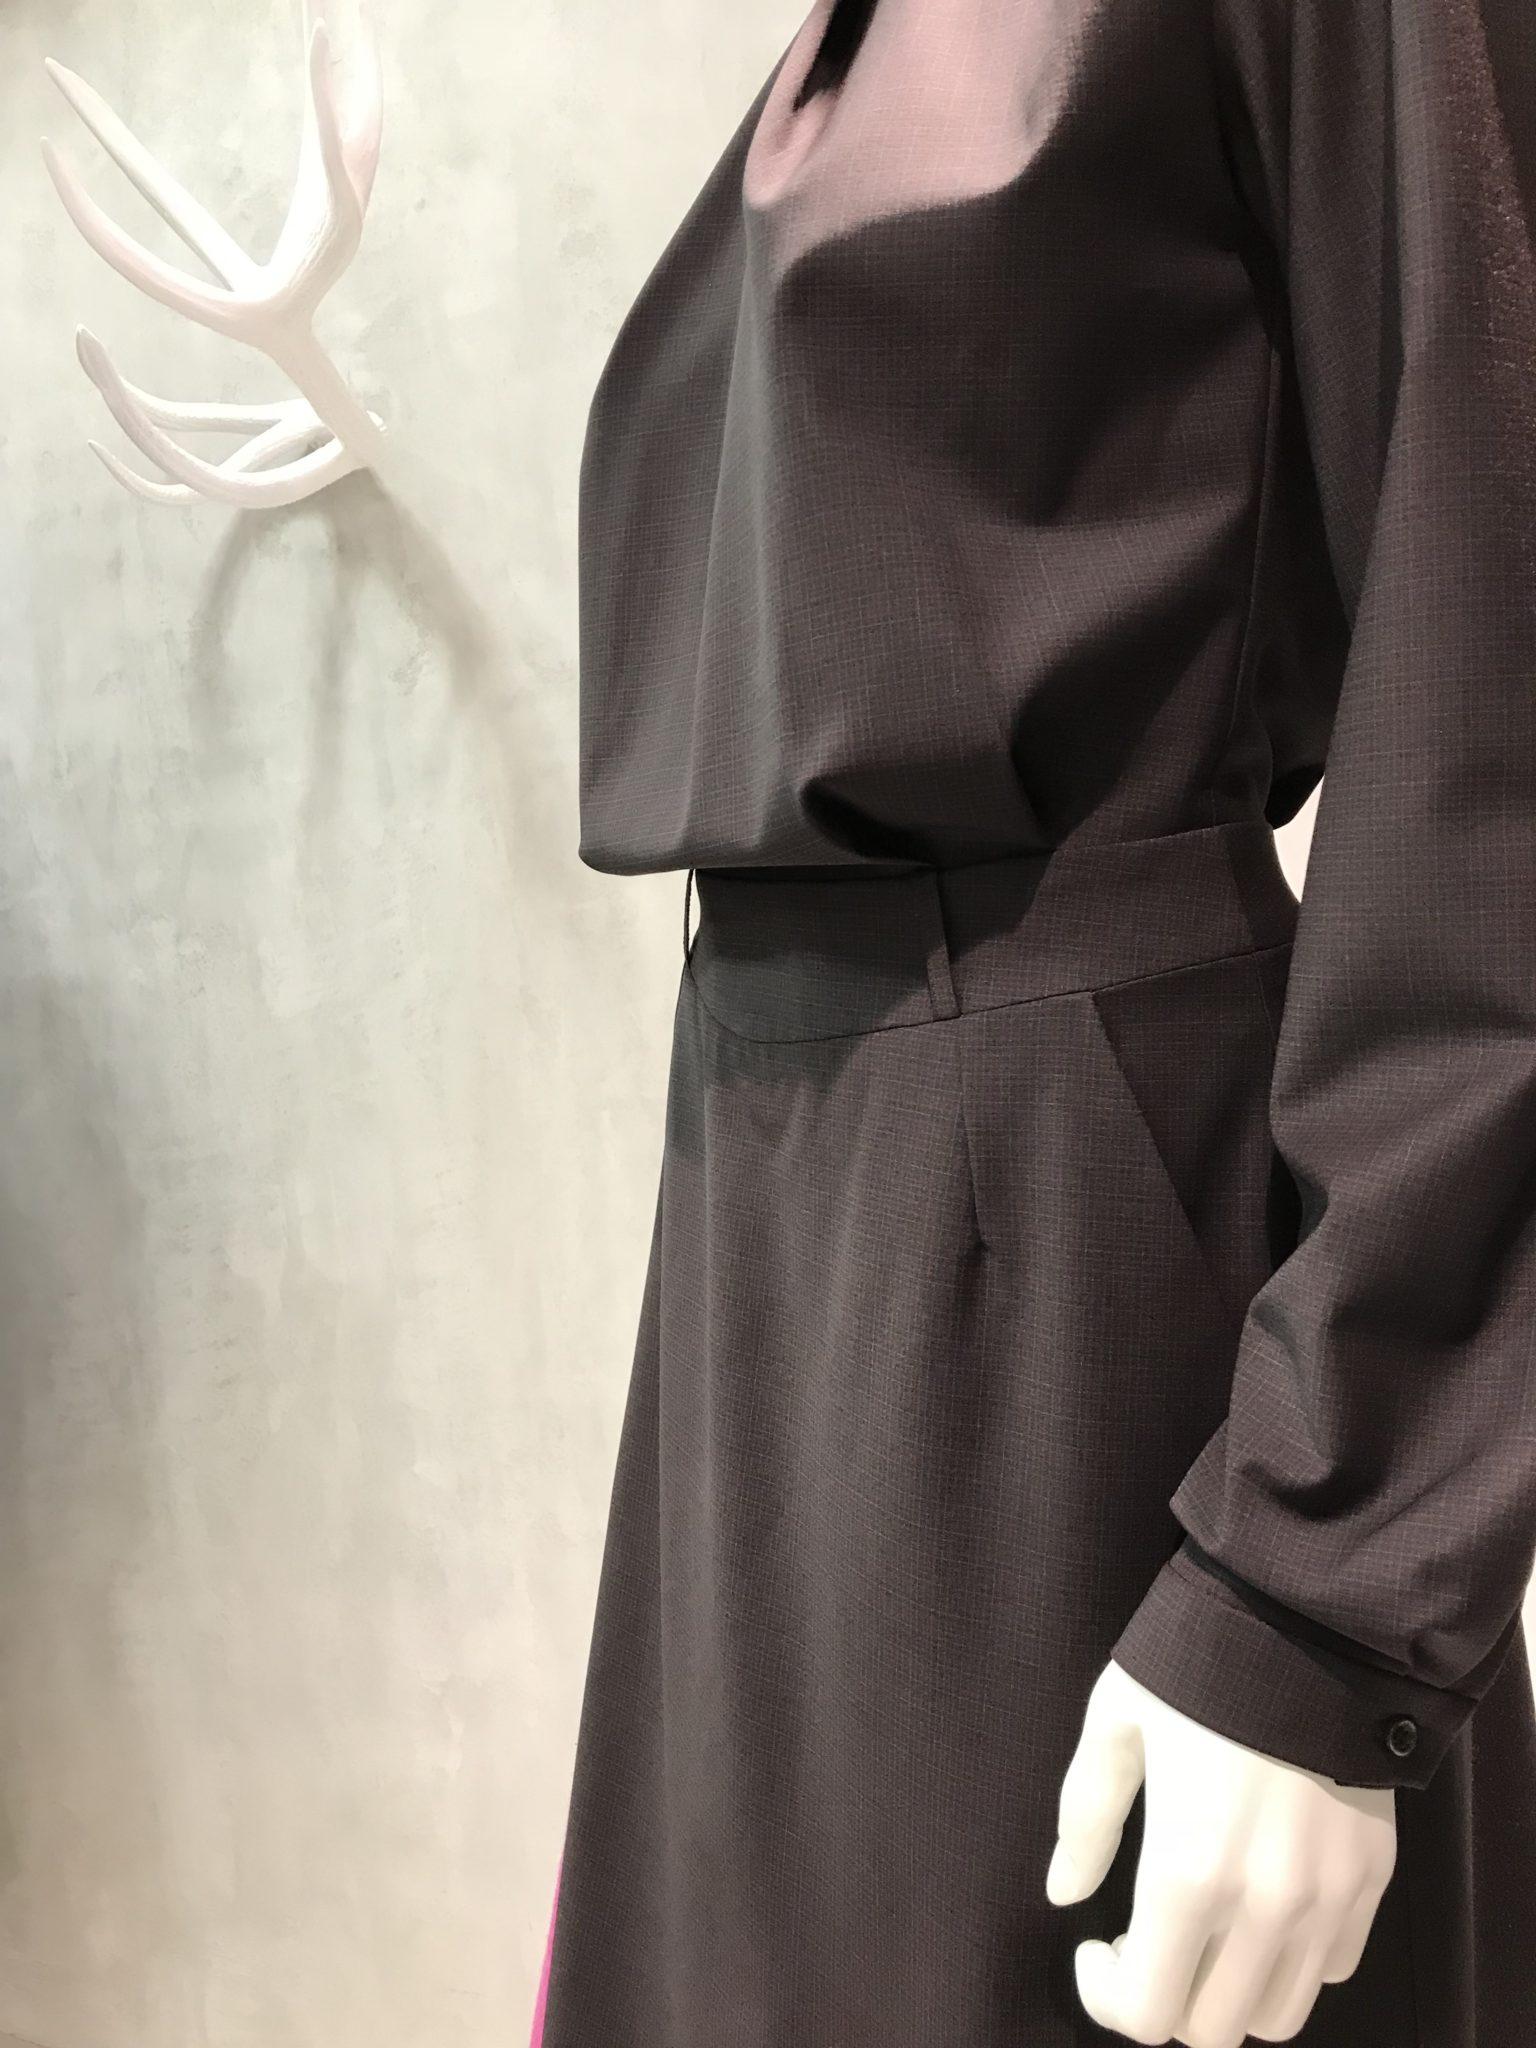 avantgarderobe_kriebel_tie_dress_6